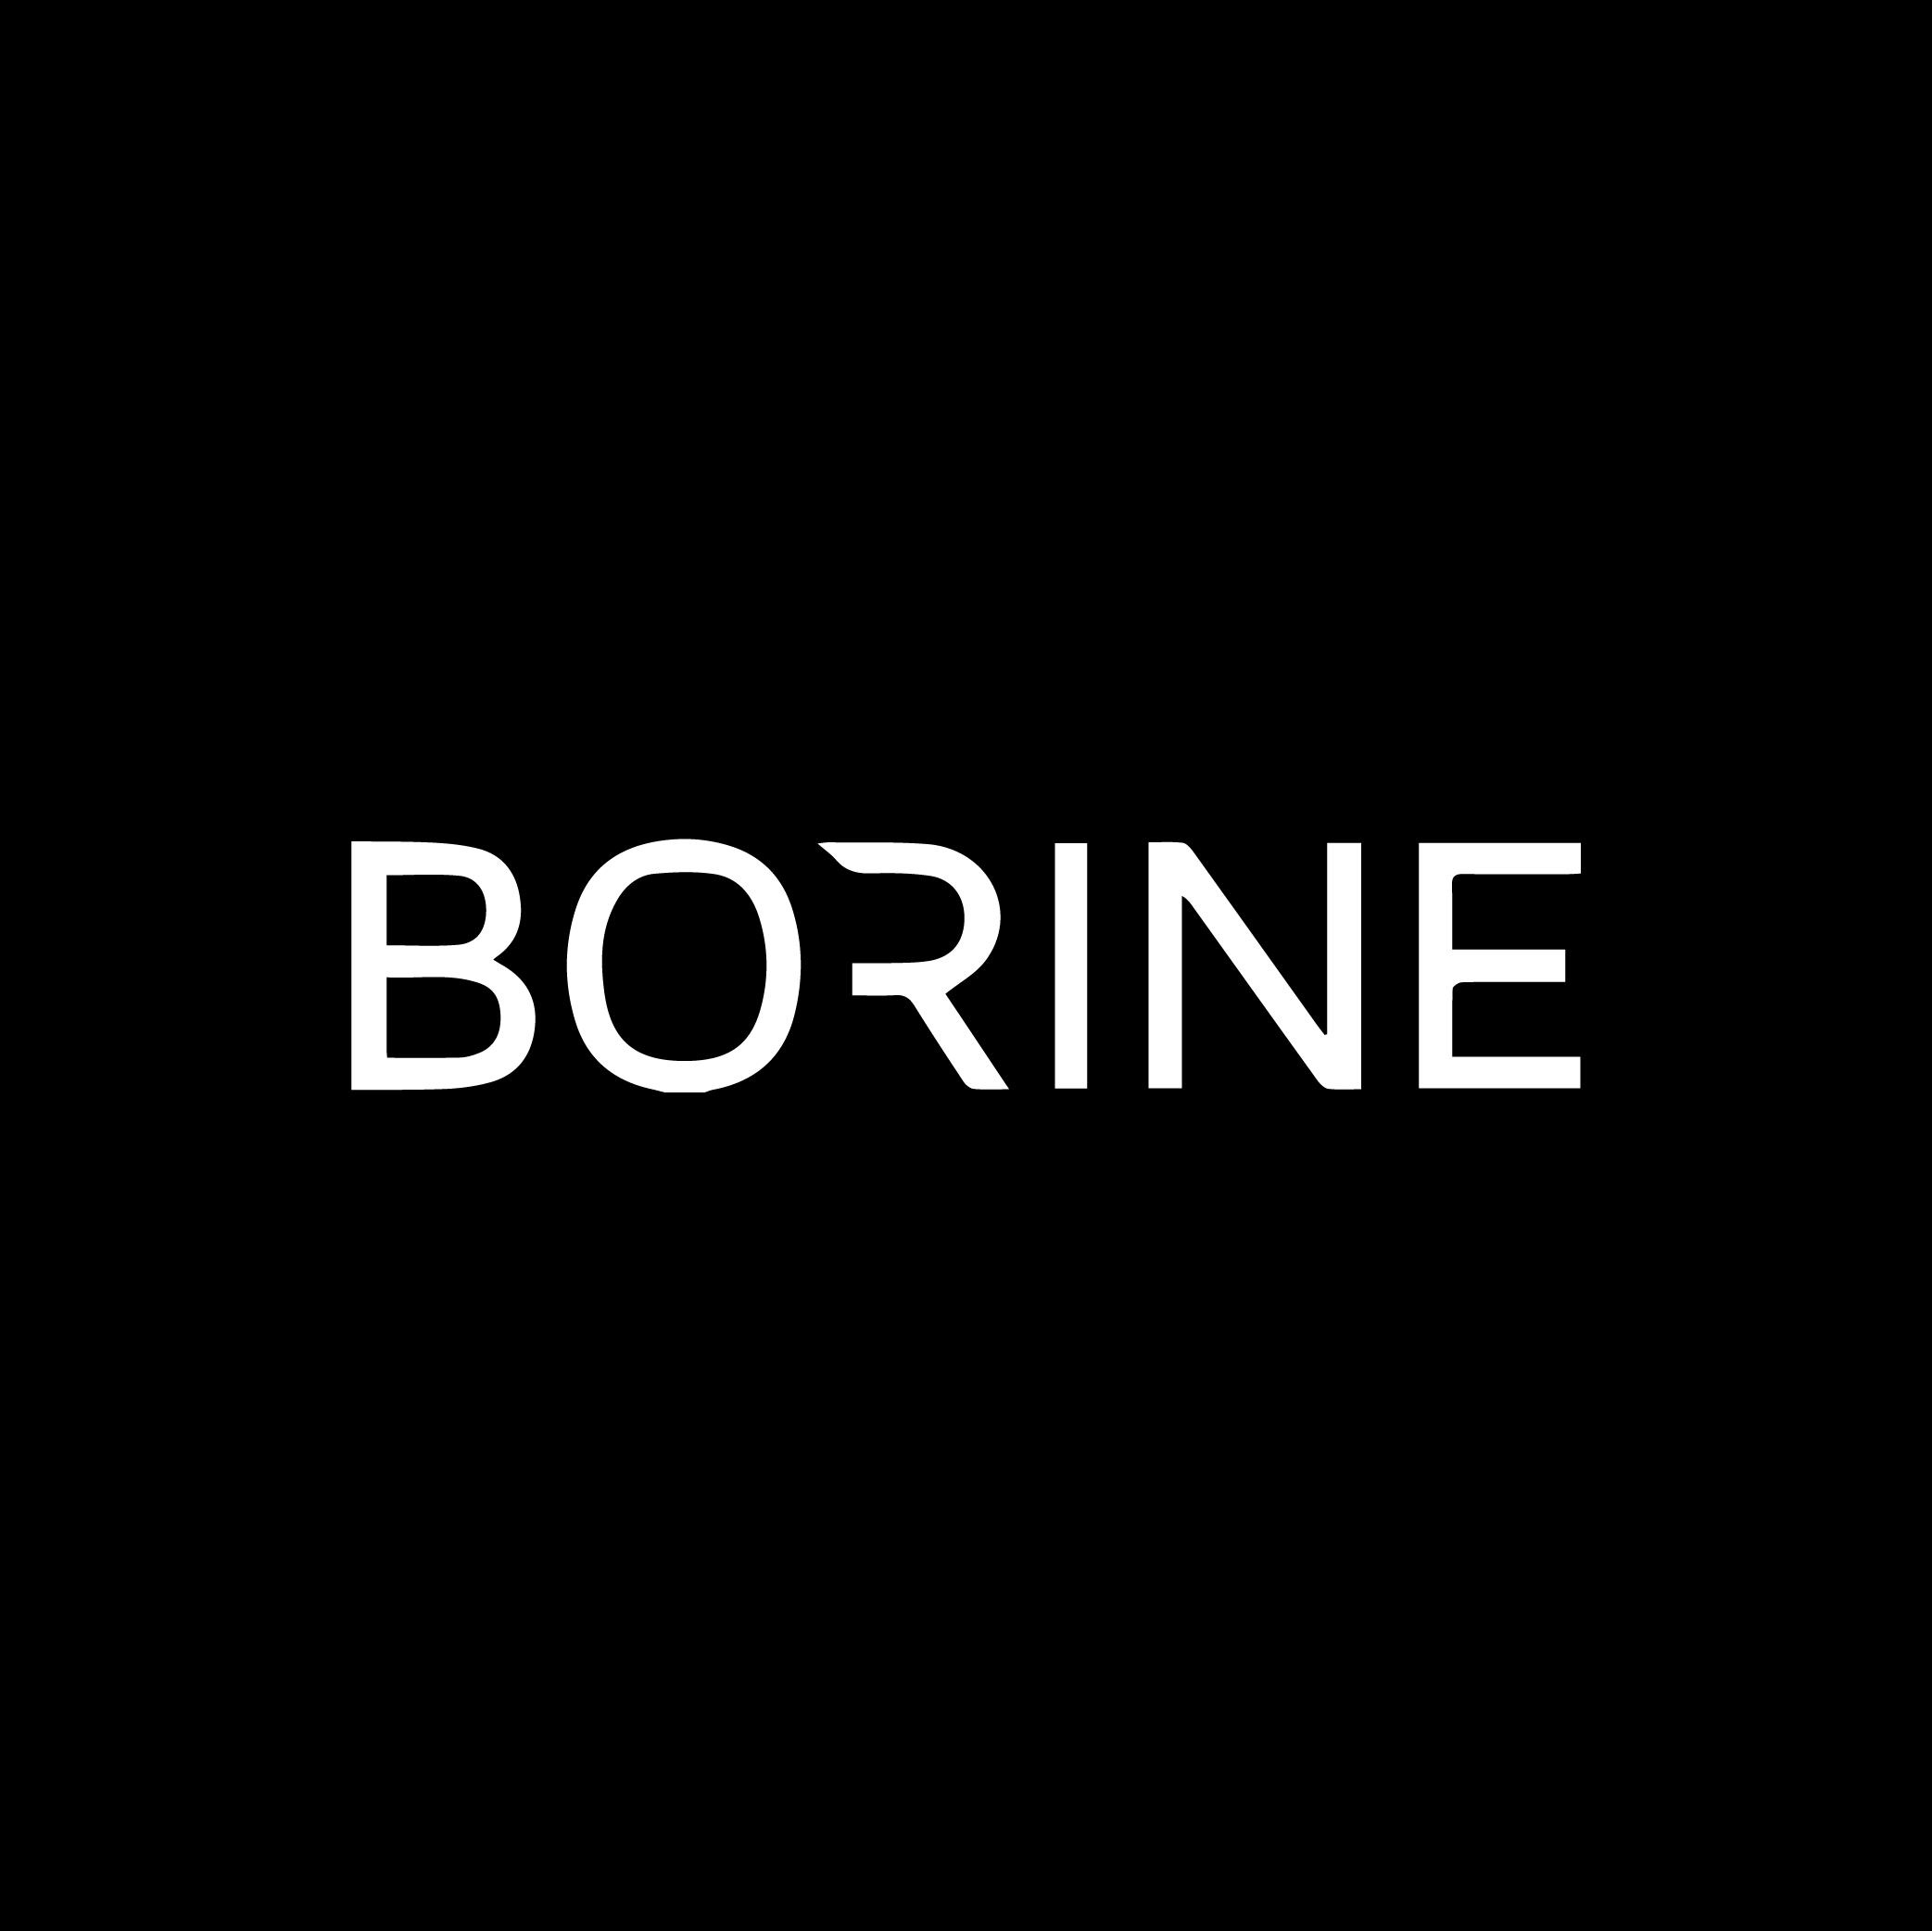 Borine client logo